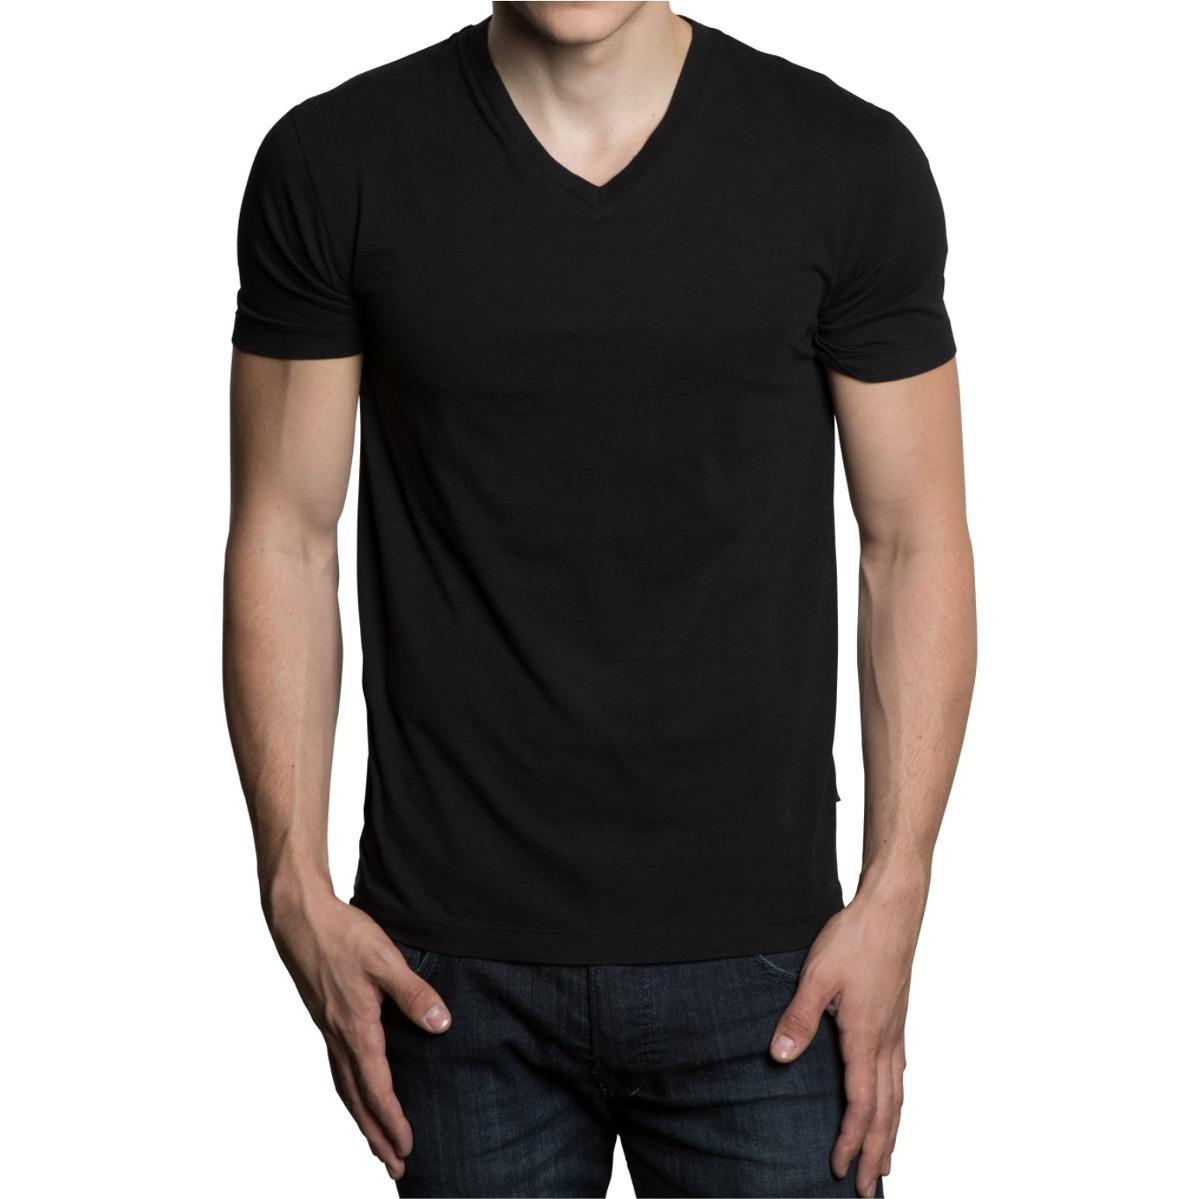 00780f0b3c 06 camisetas lisas 100% algodão fio 30.1 gola v. Carregando zoom.